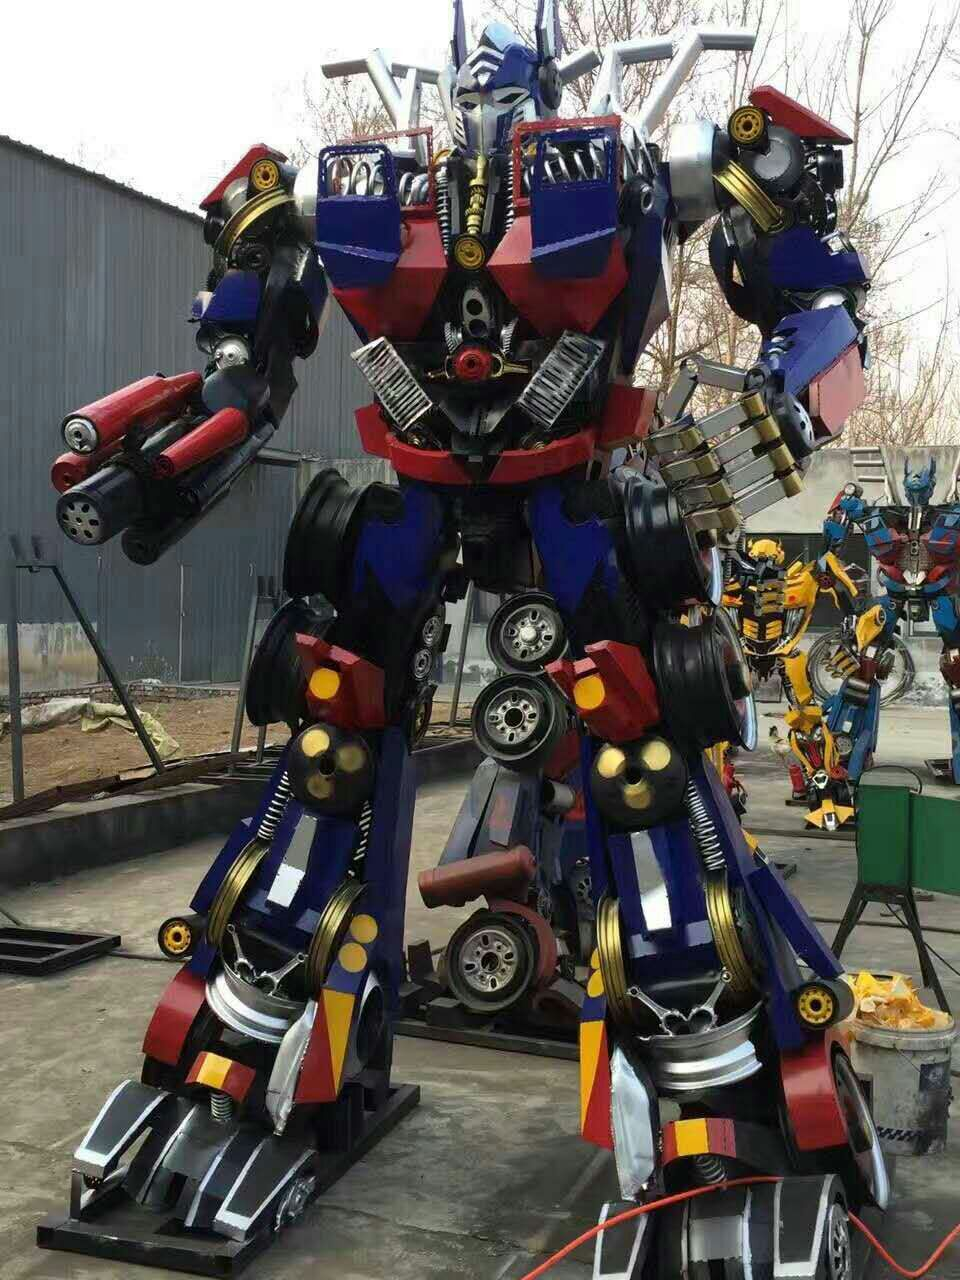 江苏变形金刚模型厂家 江苏模型造型设计 江苏模型造型定做